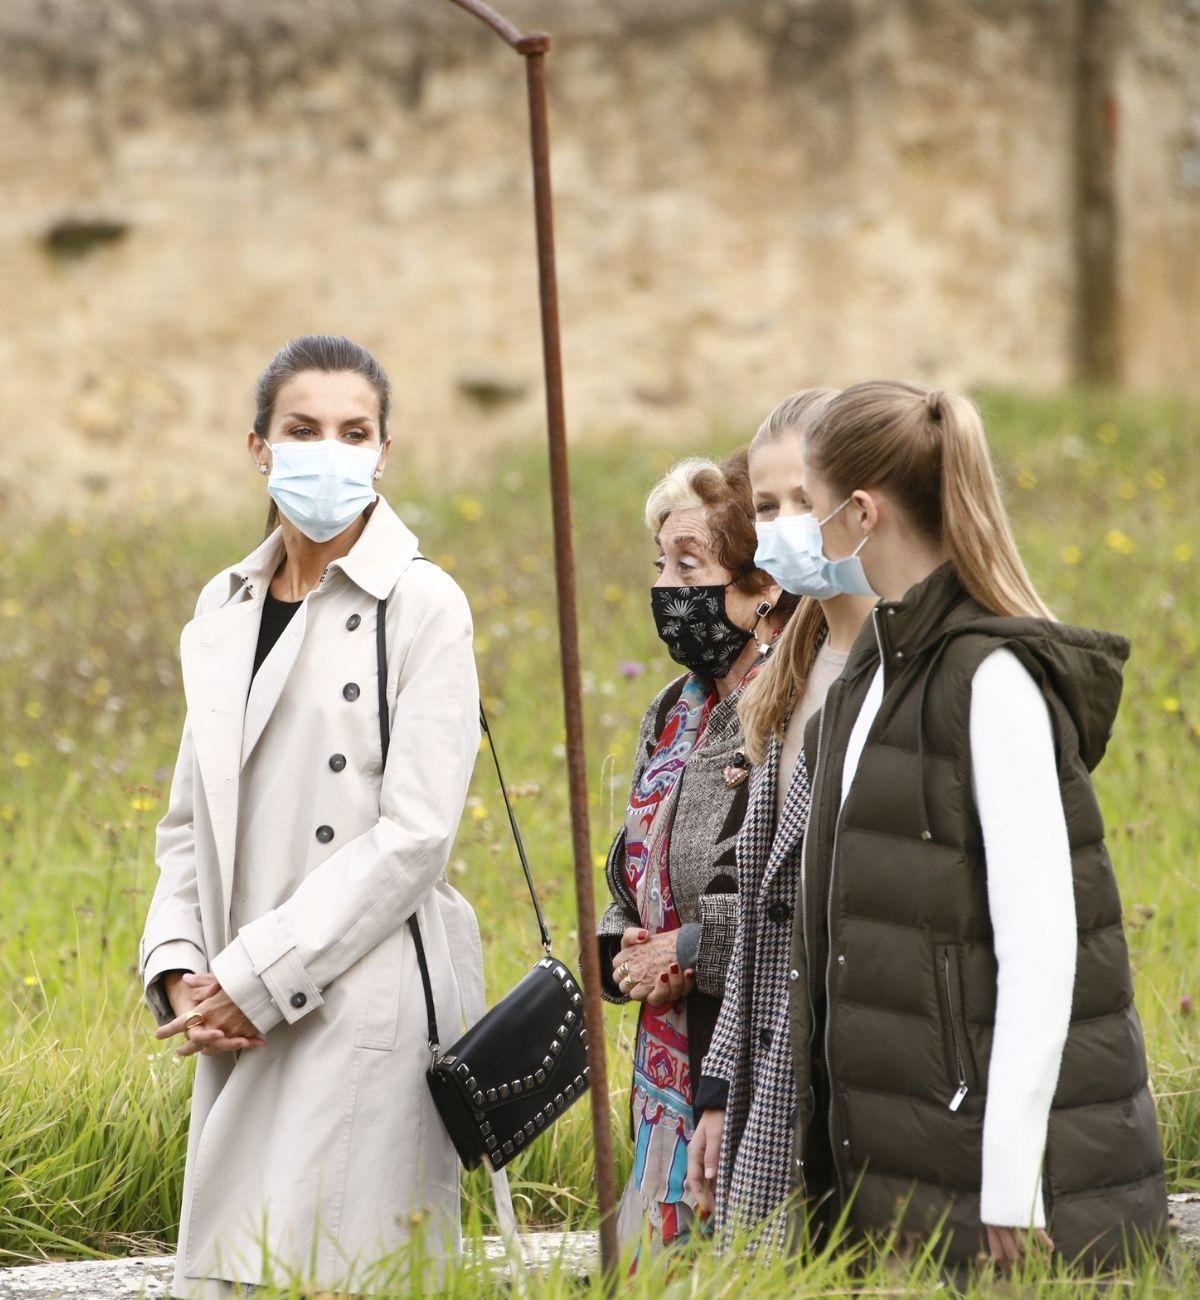 El rey Felipe VI, en cuarentena tras tener contacto con un positivo por coronavirus 1